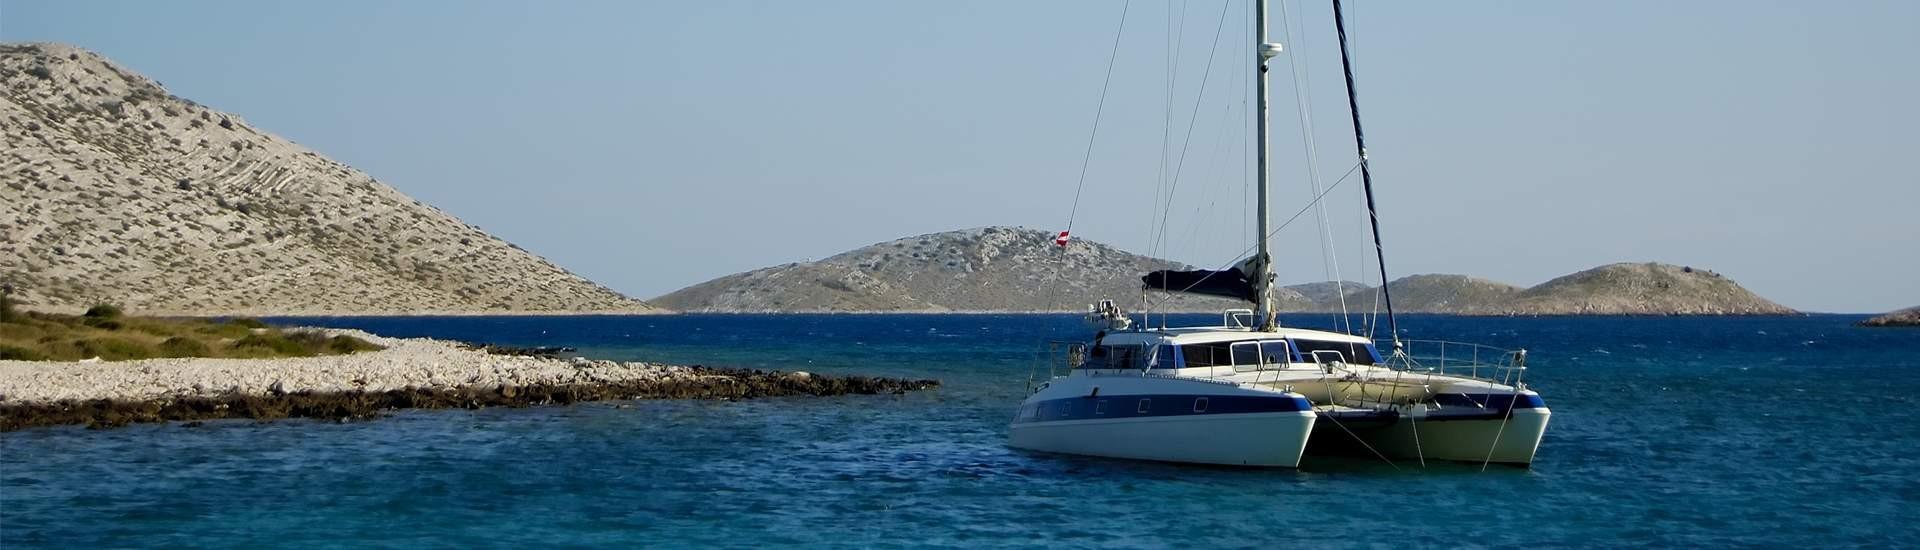 Italy Catamaran